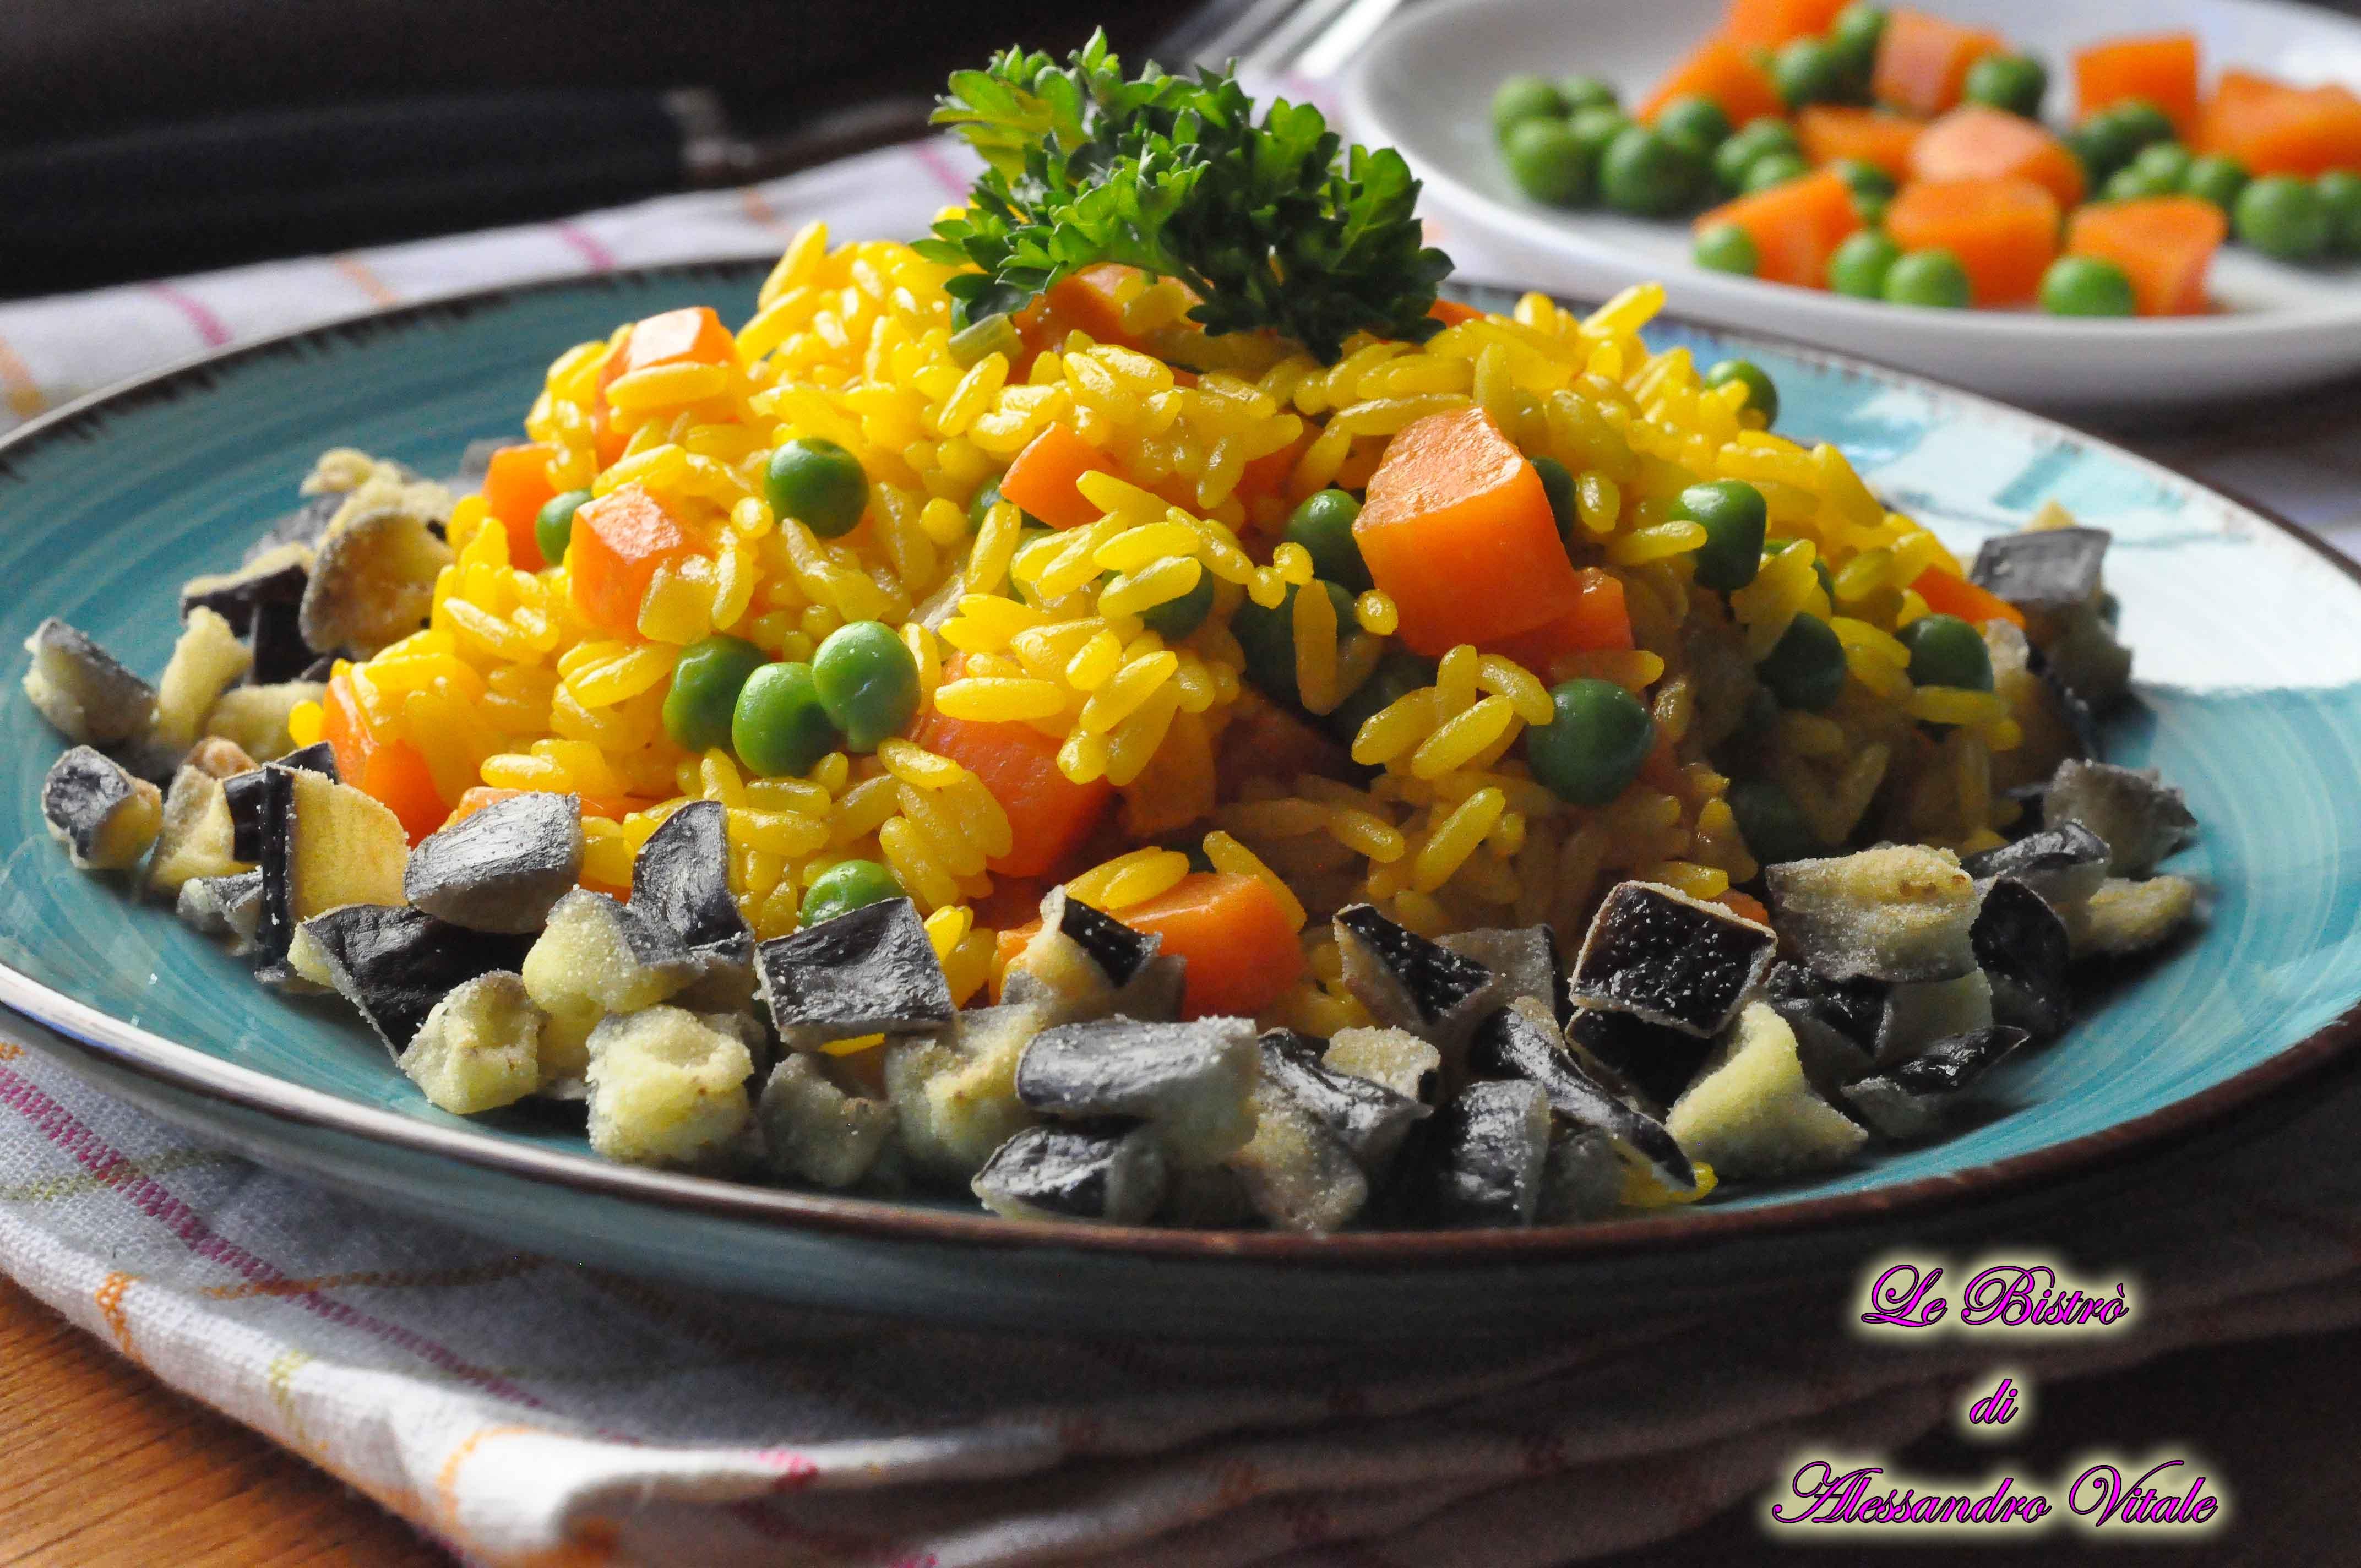 Ricerca ricette con risotto primaverile for Risotto ricette